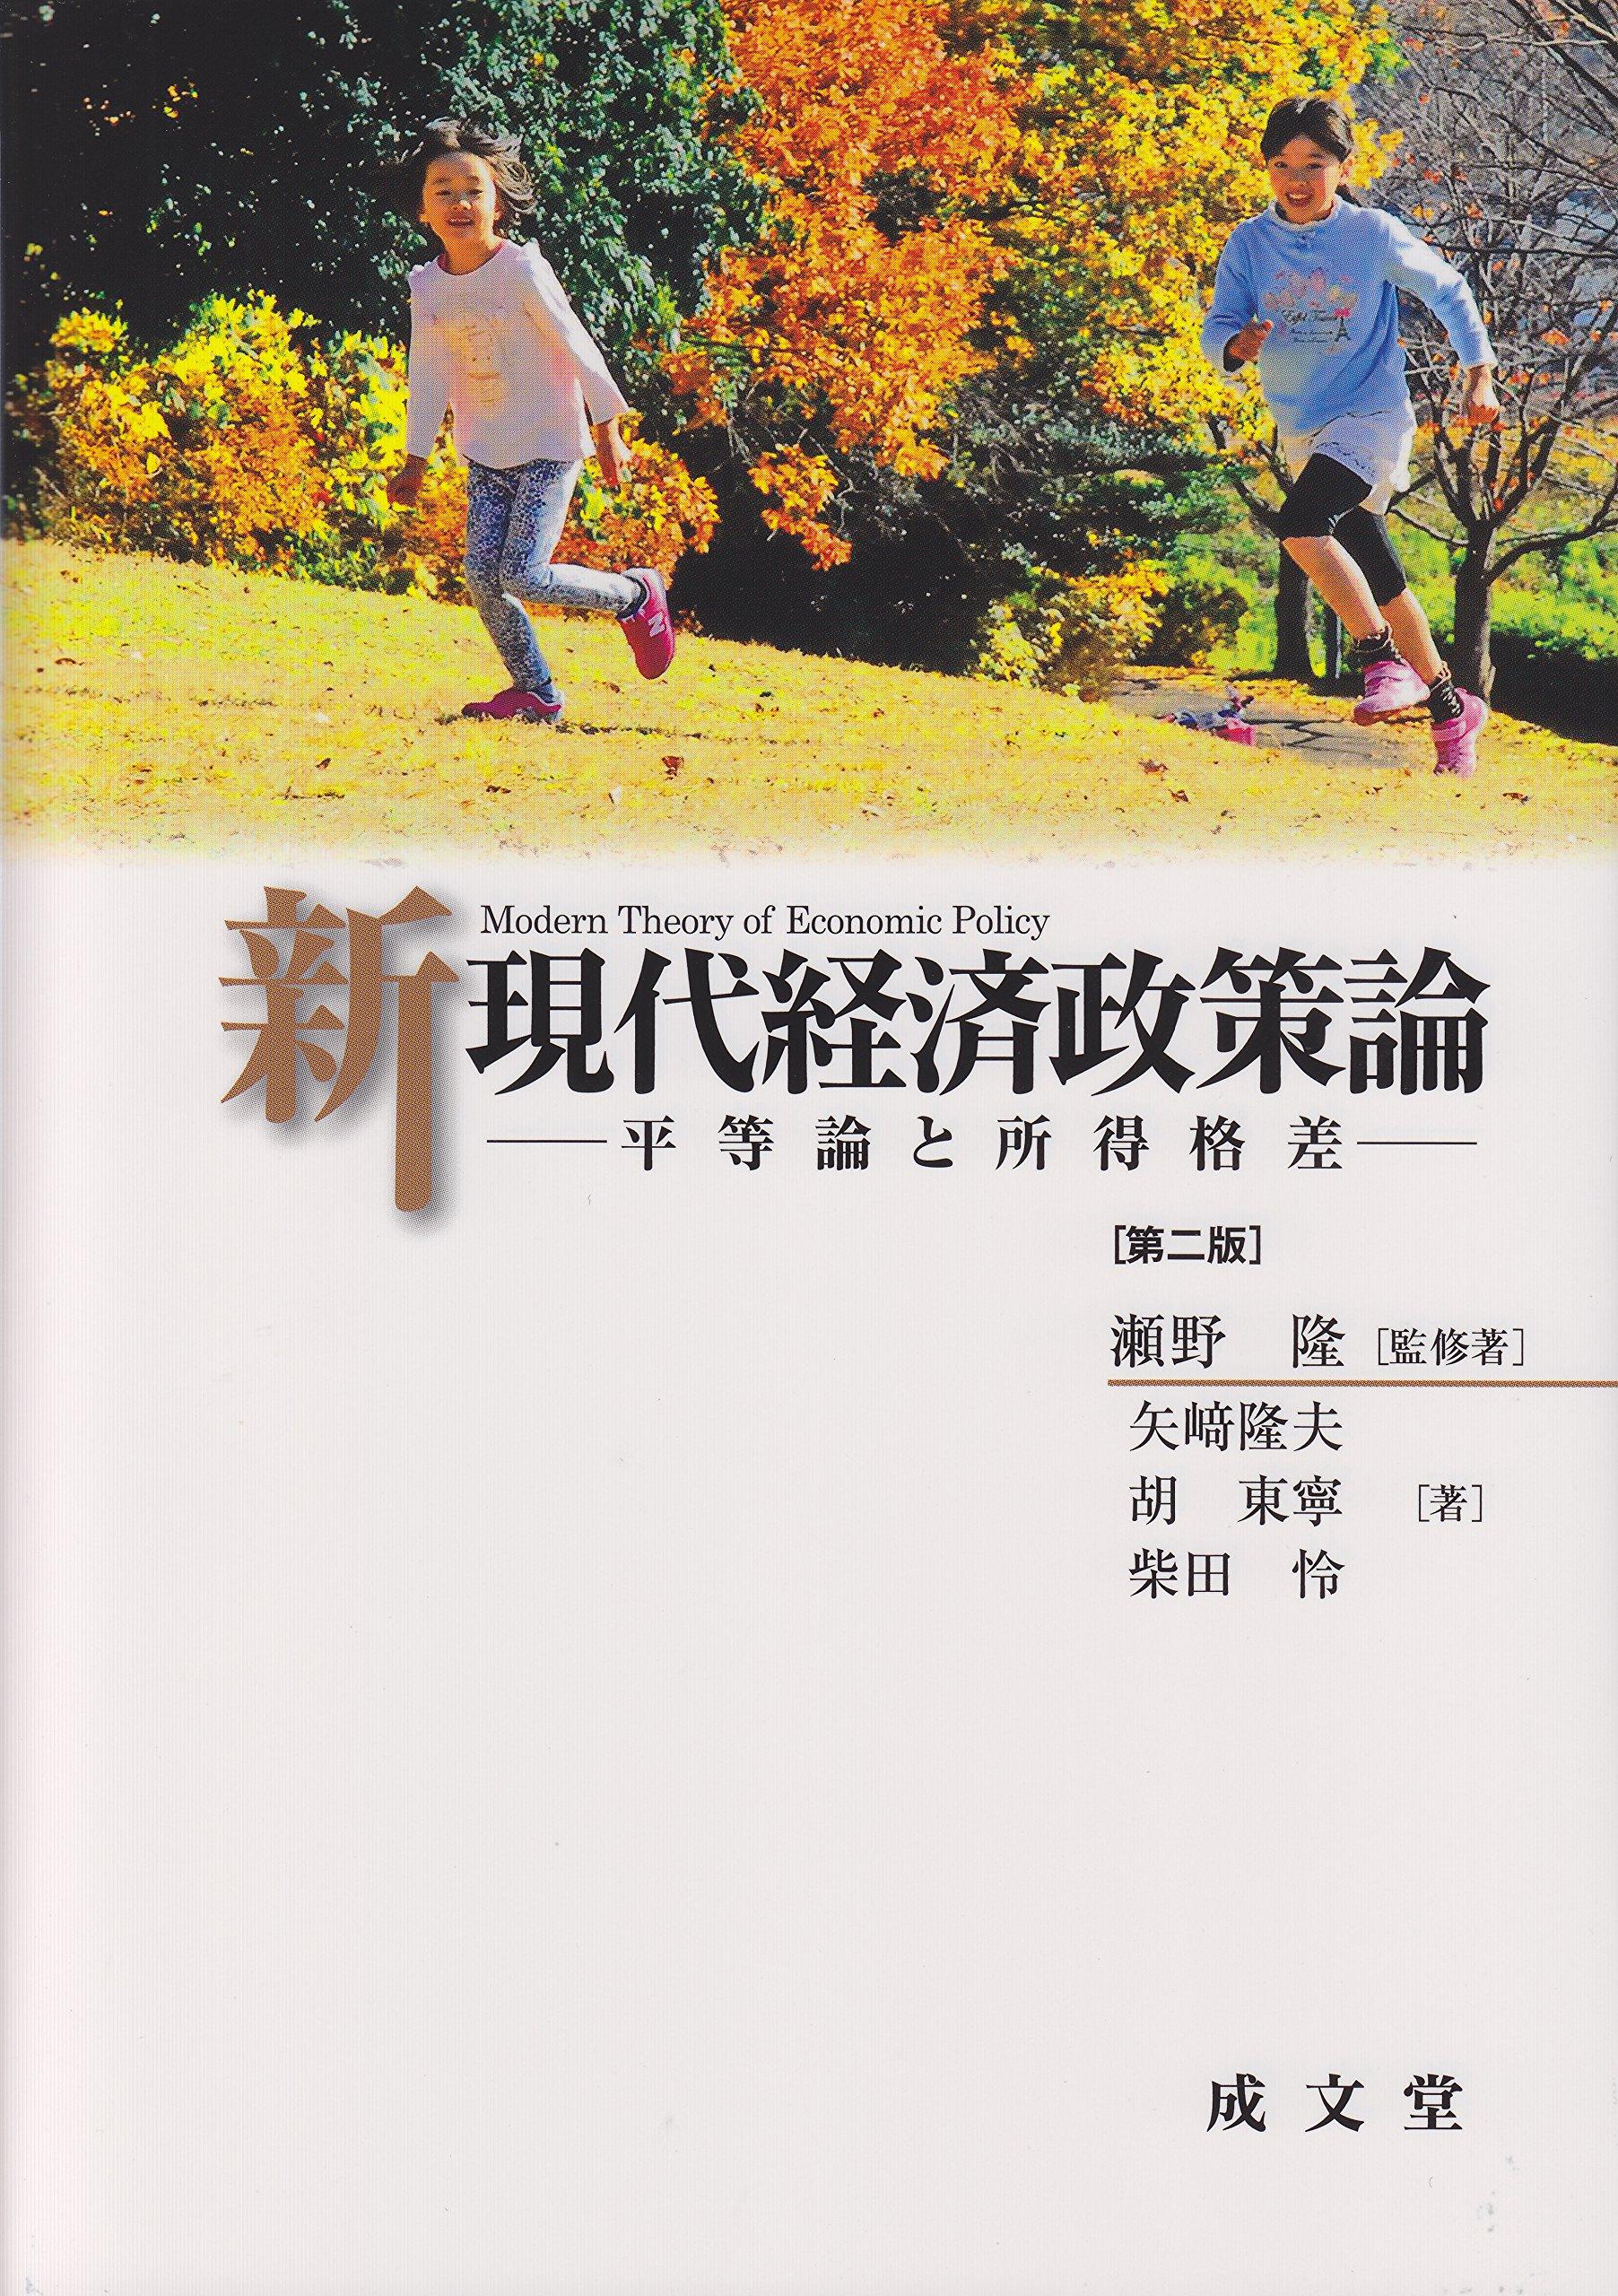 新現代経済政策論 | 矢﨑隆夫, ...